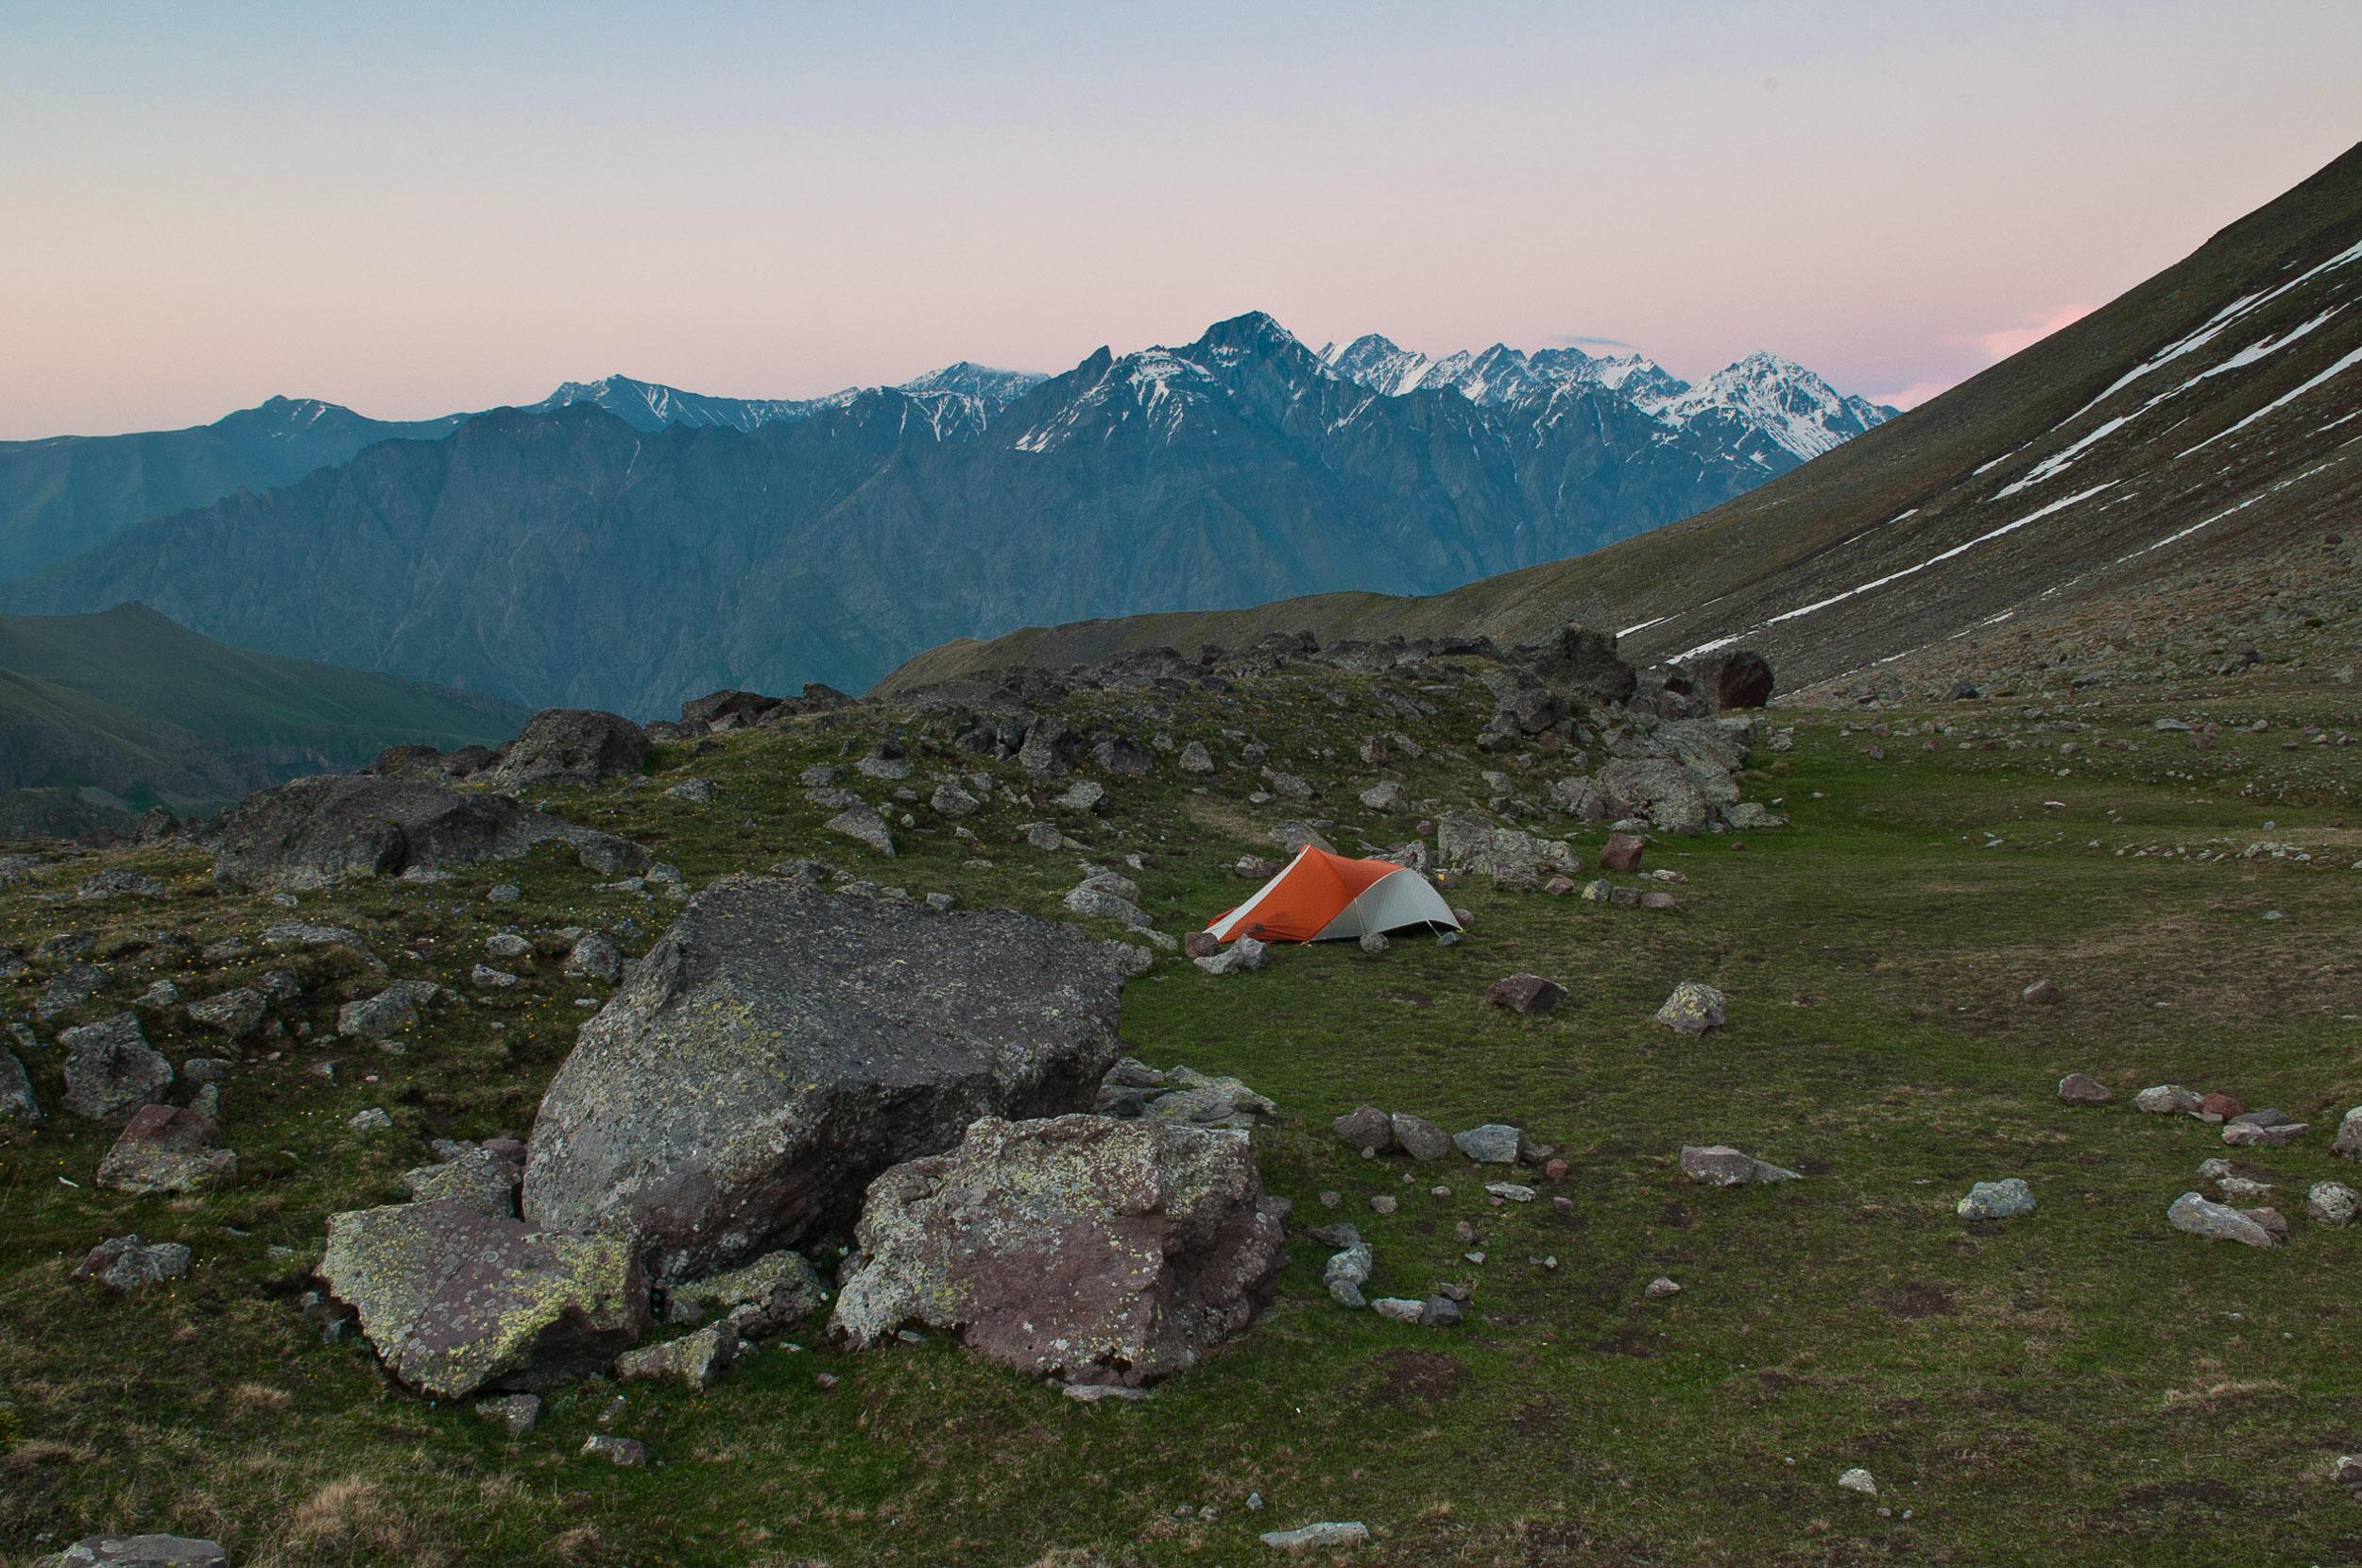 Alpine camp site in the mountains above Kazbegi village, Georgia.